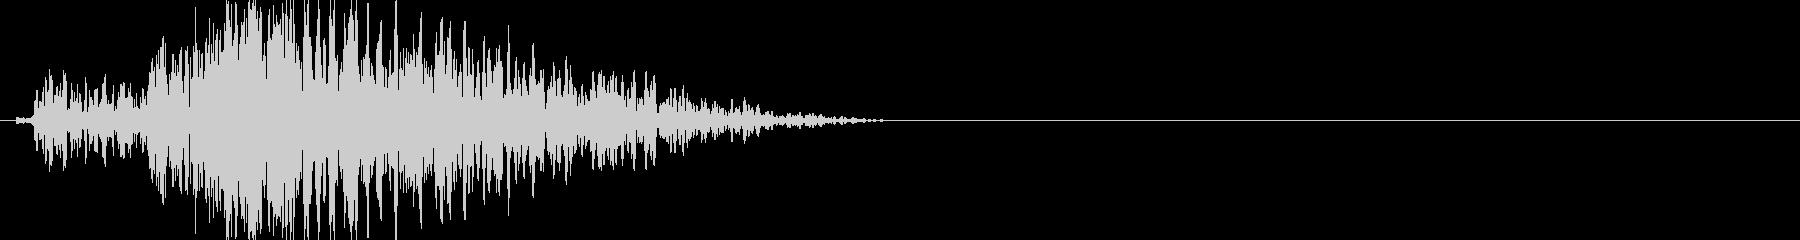 ぐおーん(低め)の未再生の波形